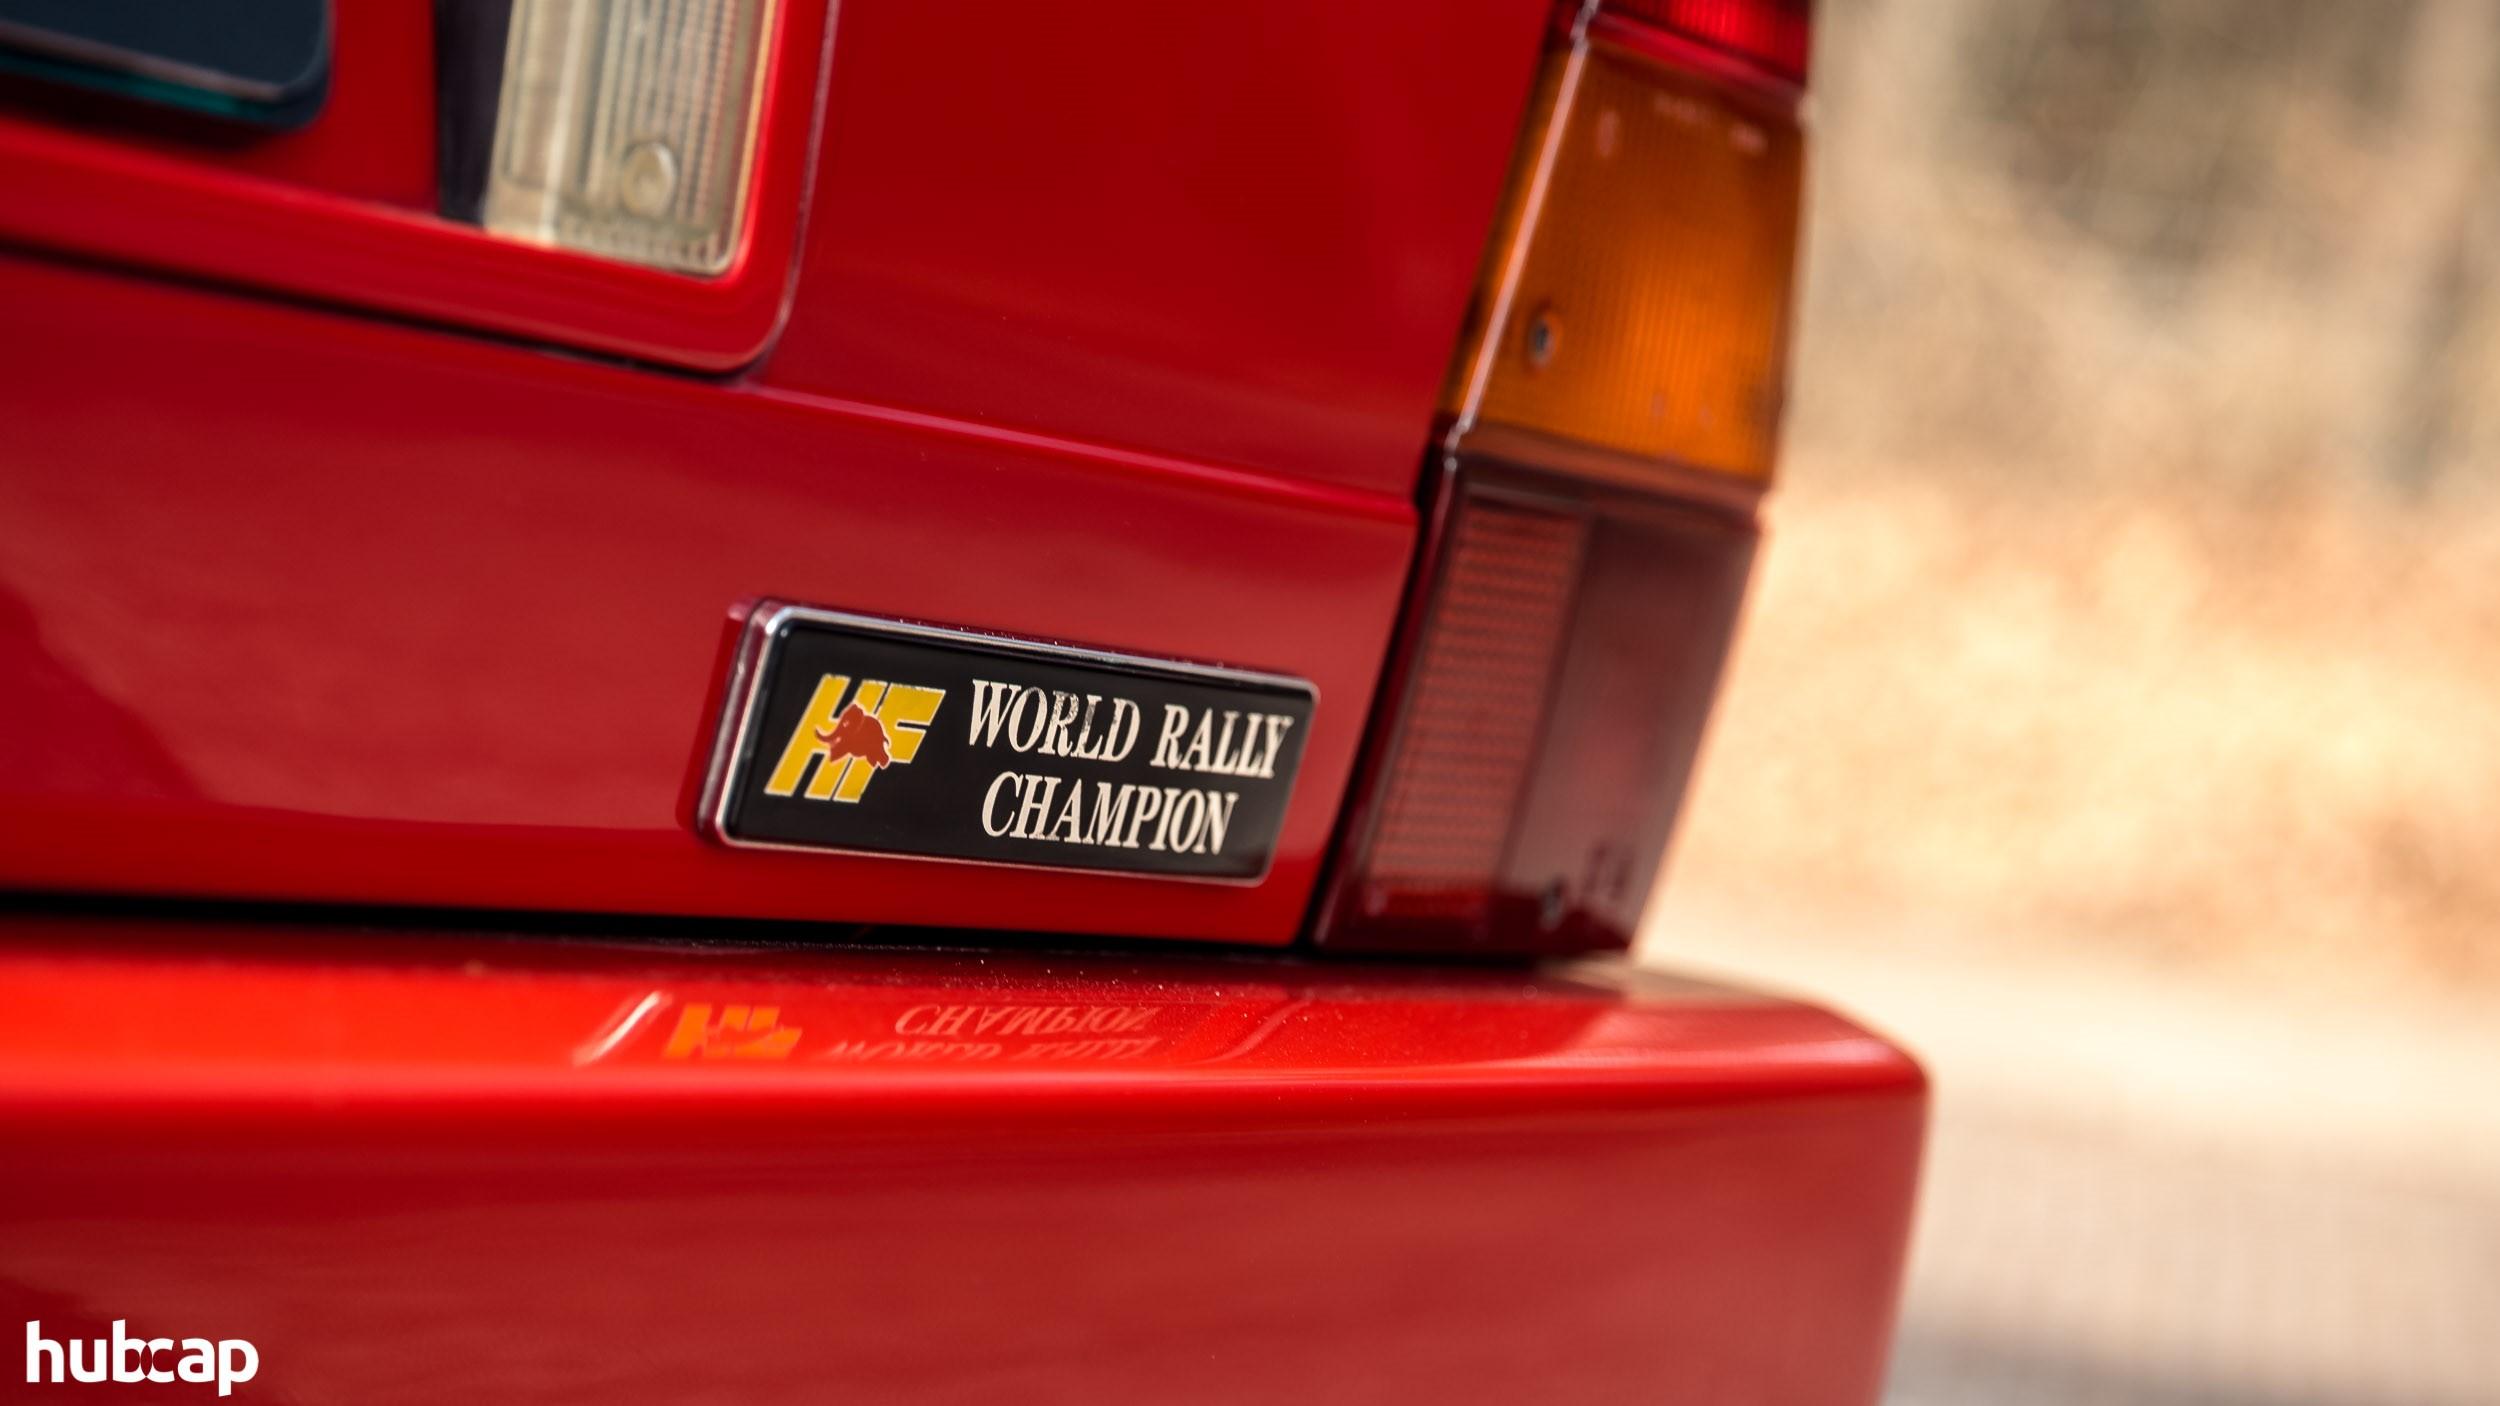 Lancia Delta HF Integrale Evo 1 de gezinsauto die een legendarische rallyauto werd 01